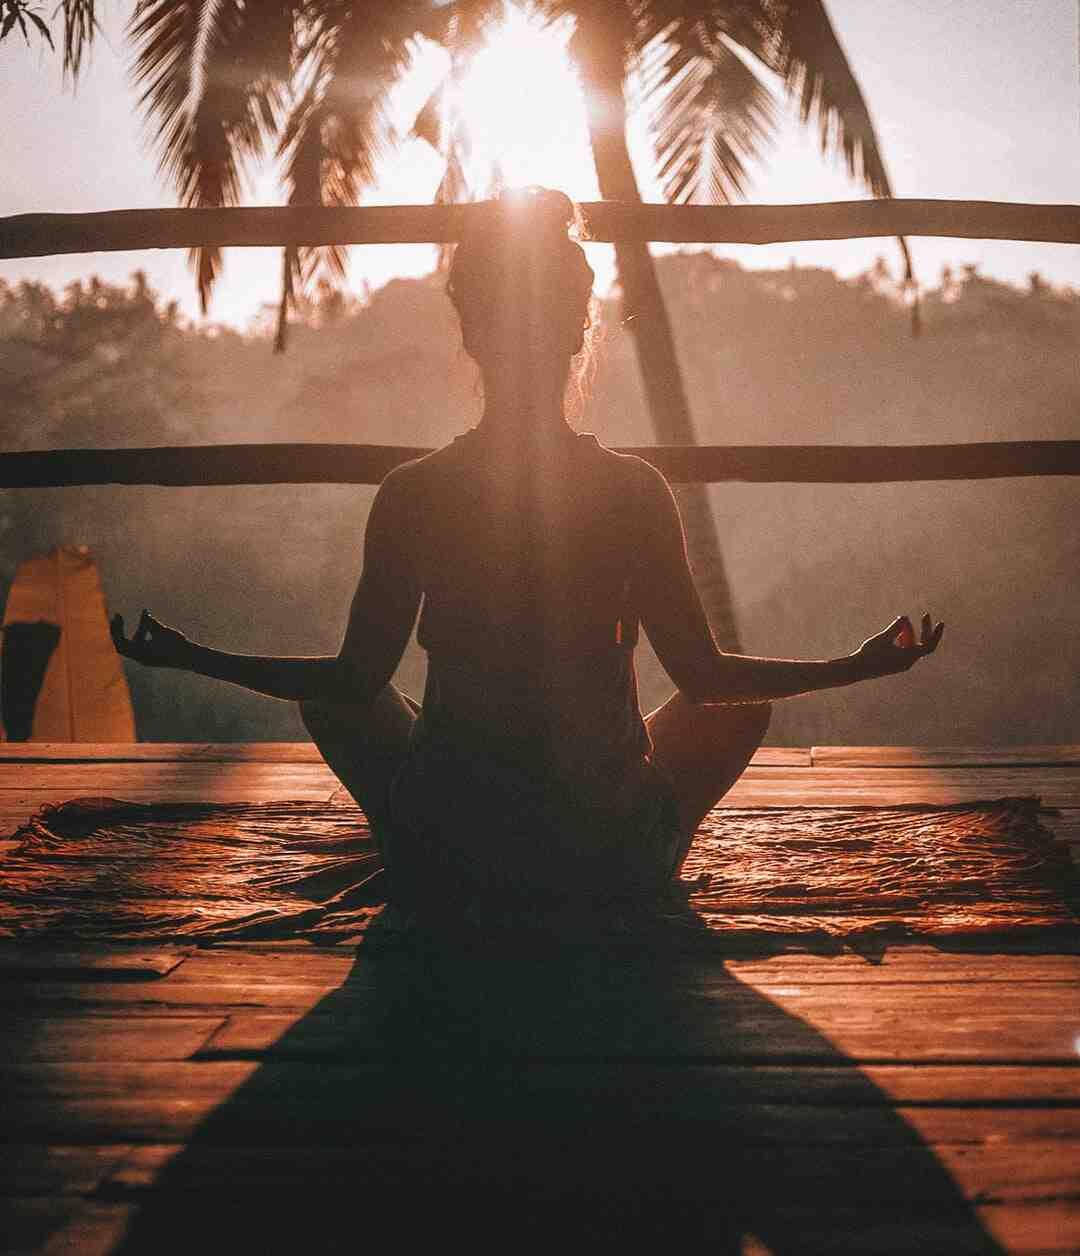 Comment respiration yogique ?